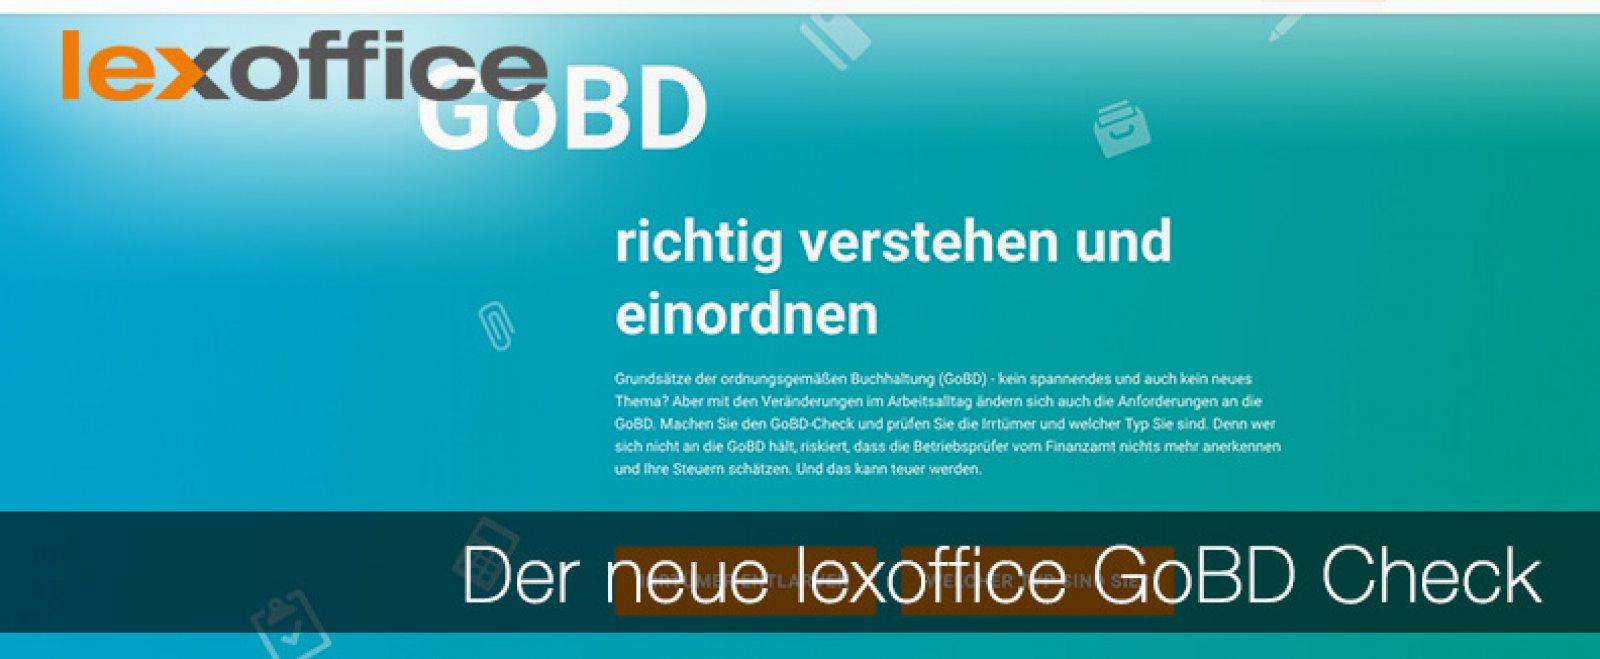 Der neue lexoffice GoBD Check